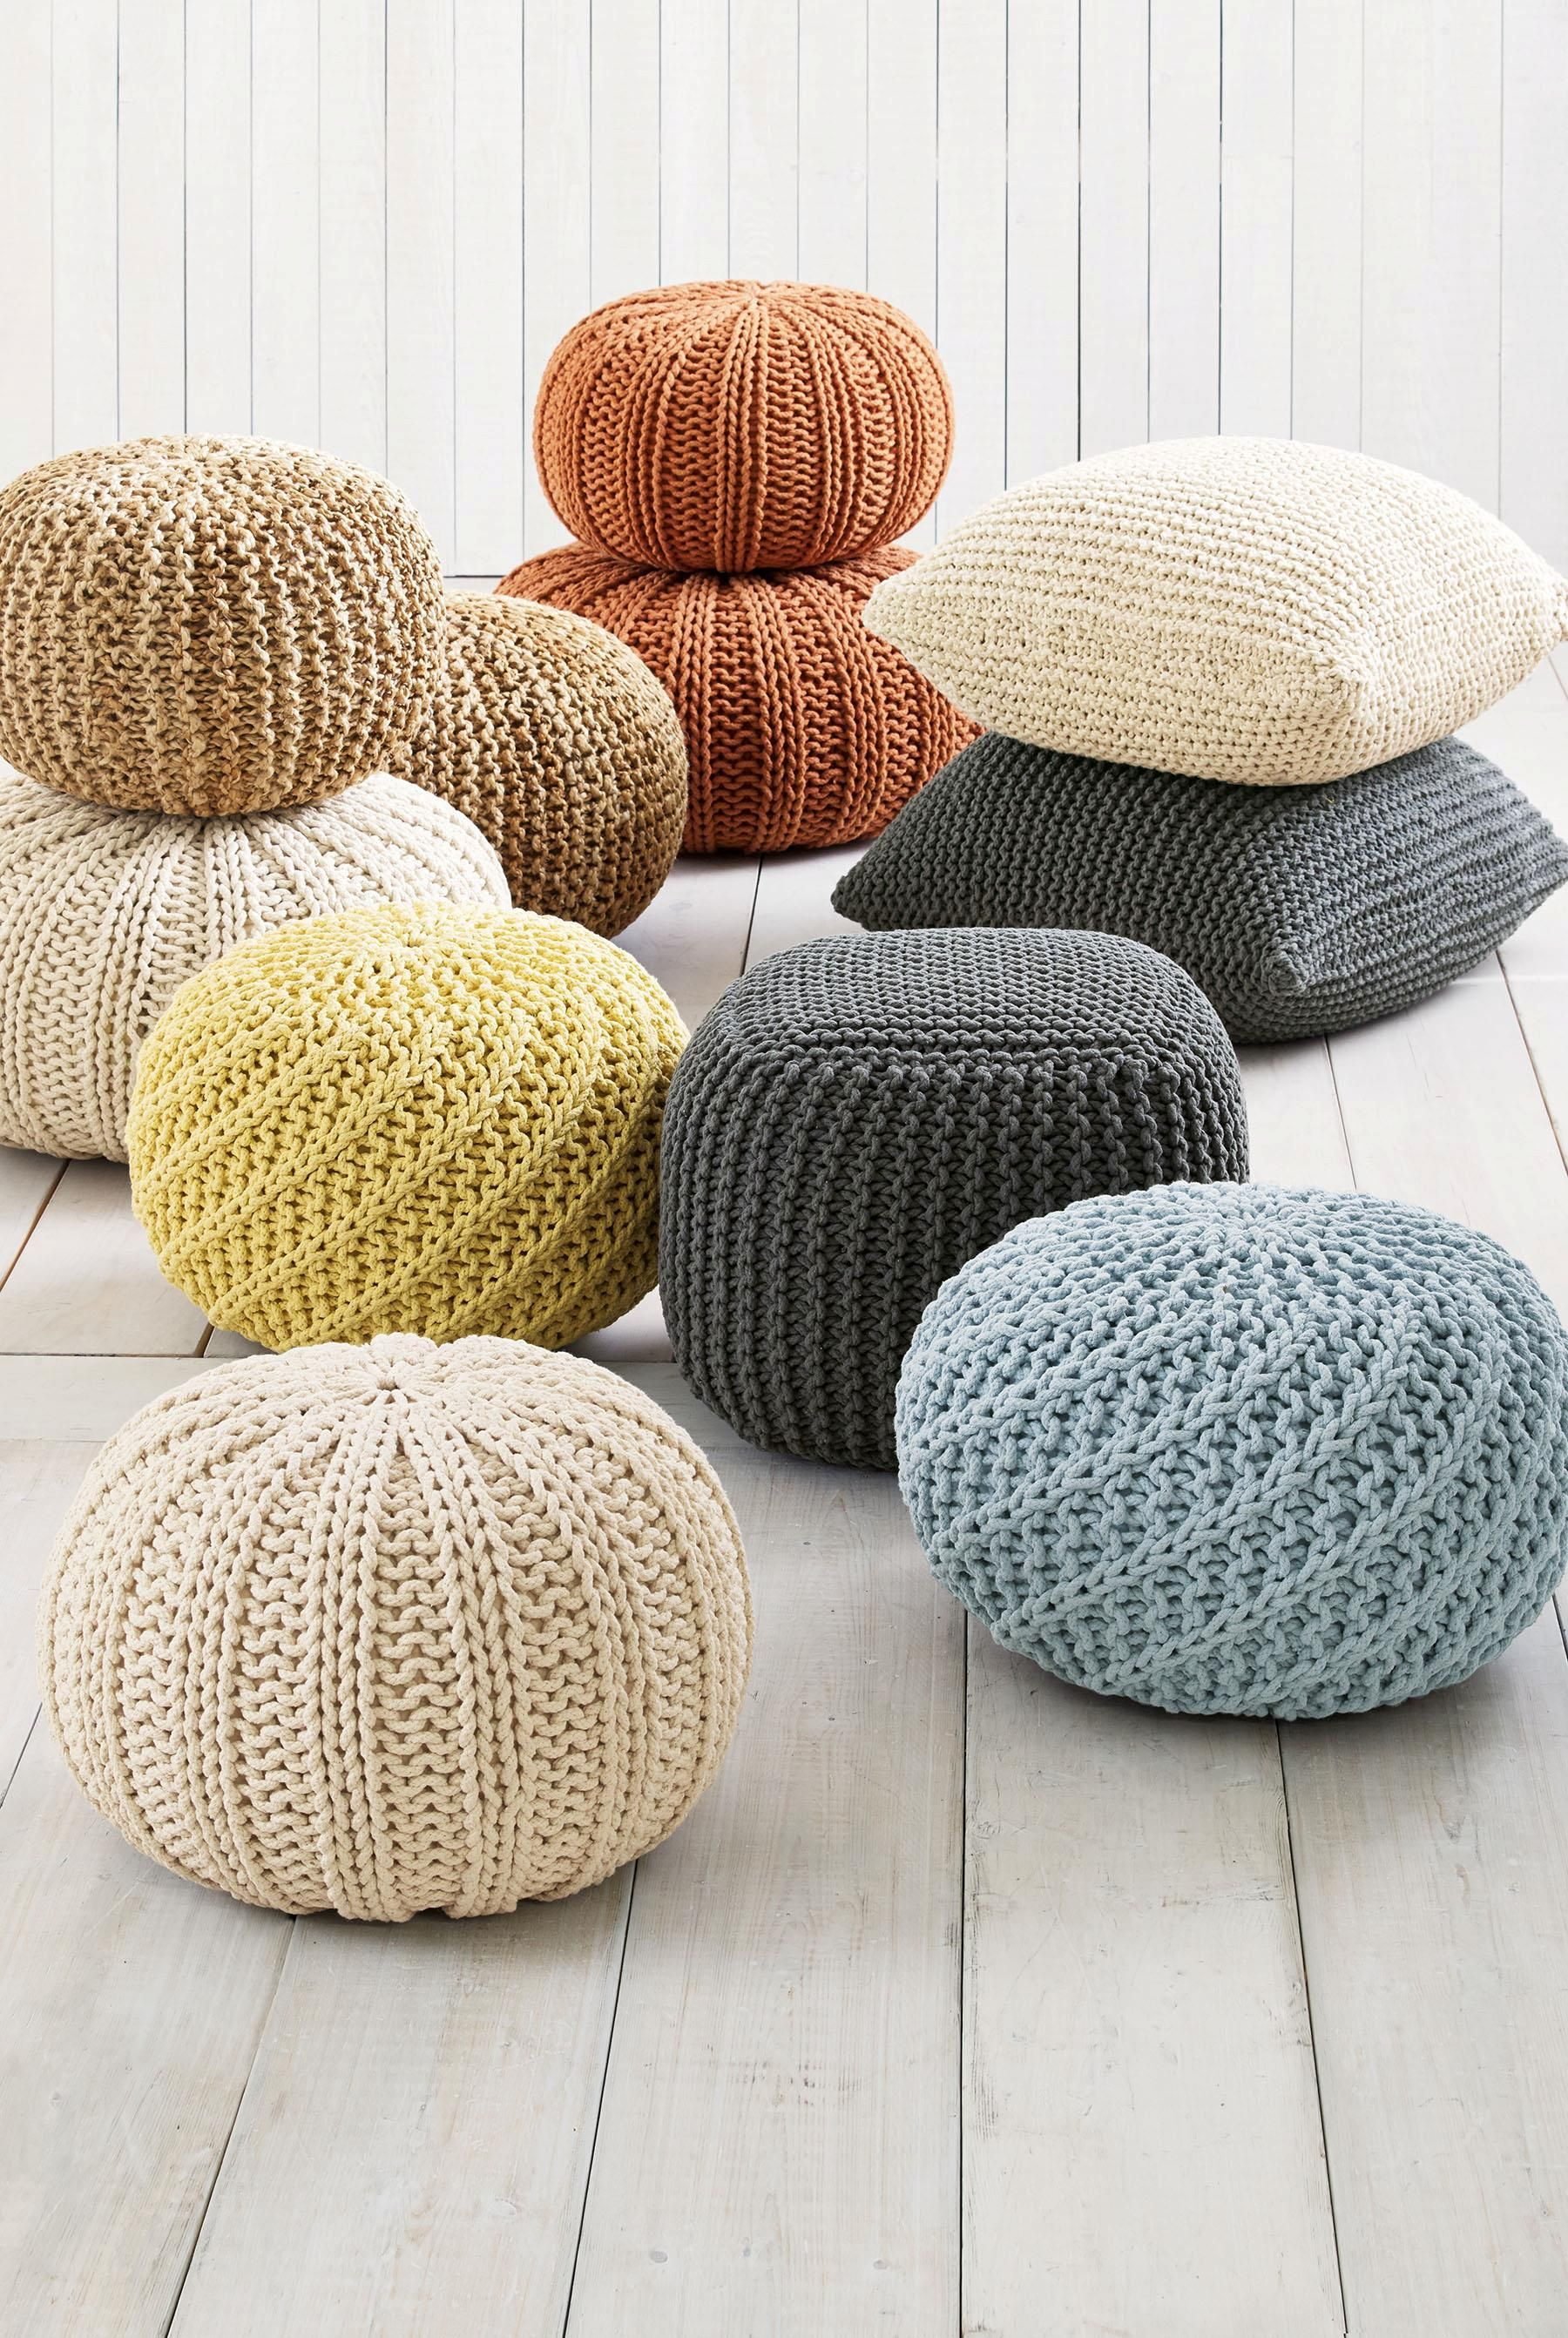 Knitted Pods By Next Home Pufe De Croche Almofadas De Trico Puf De Trico